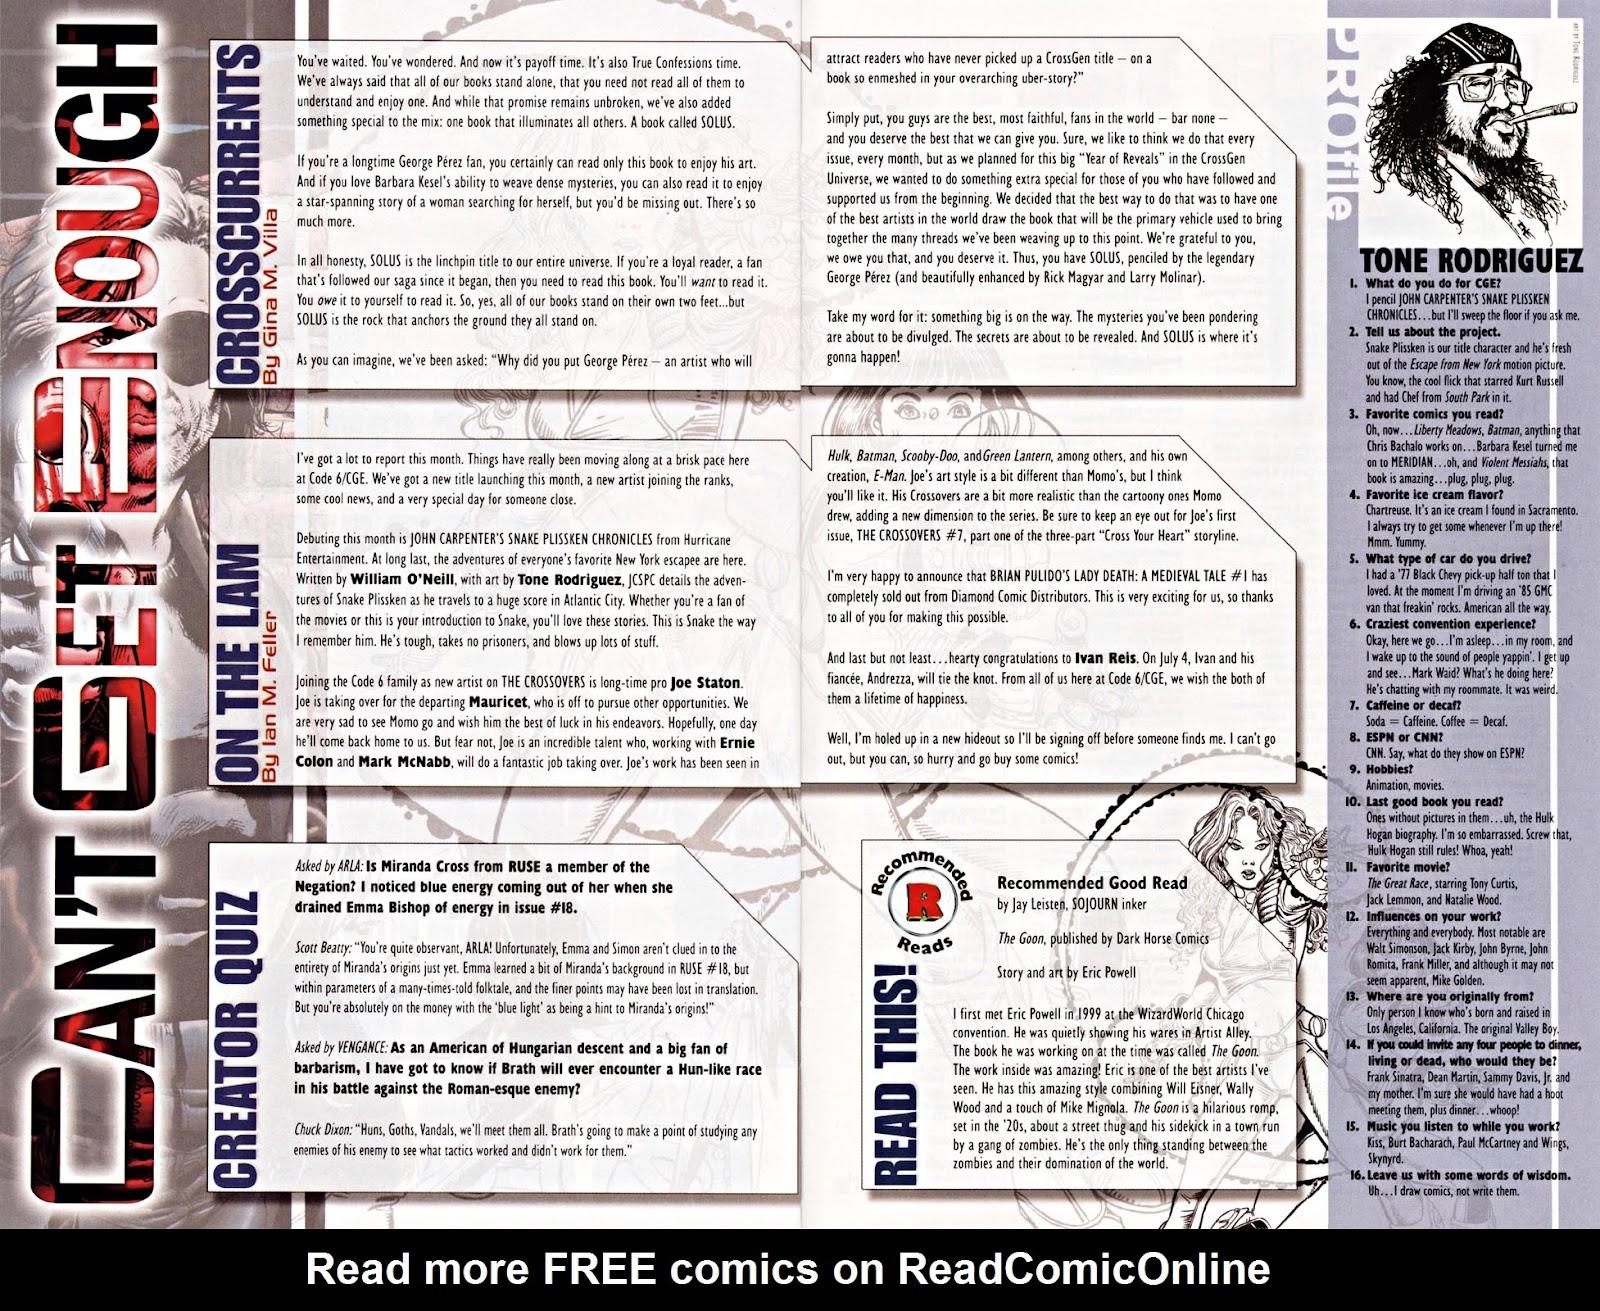 Read online Silken Ghost comic -  Issue #2 - 23